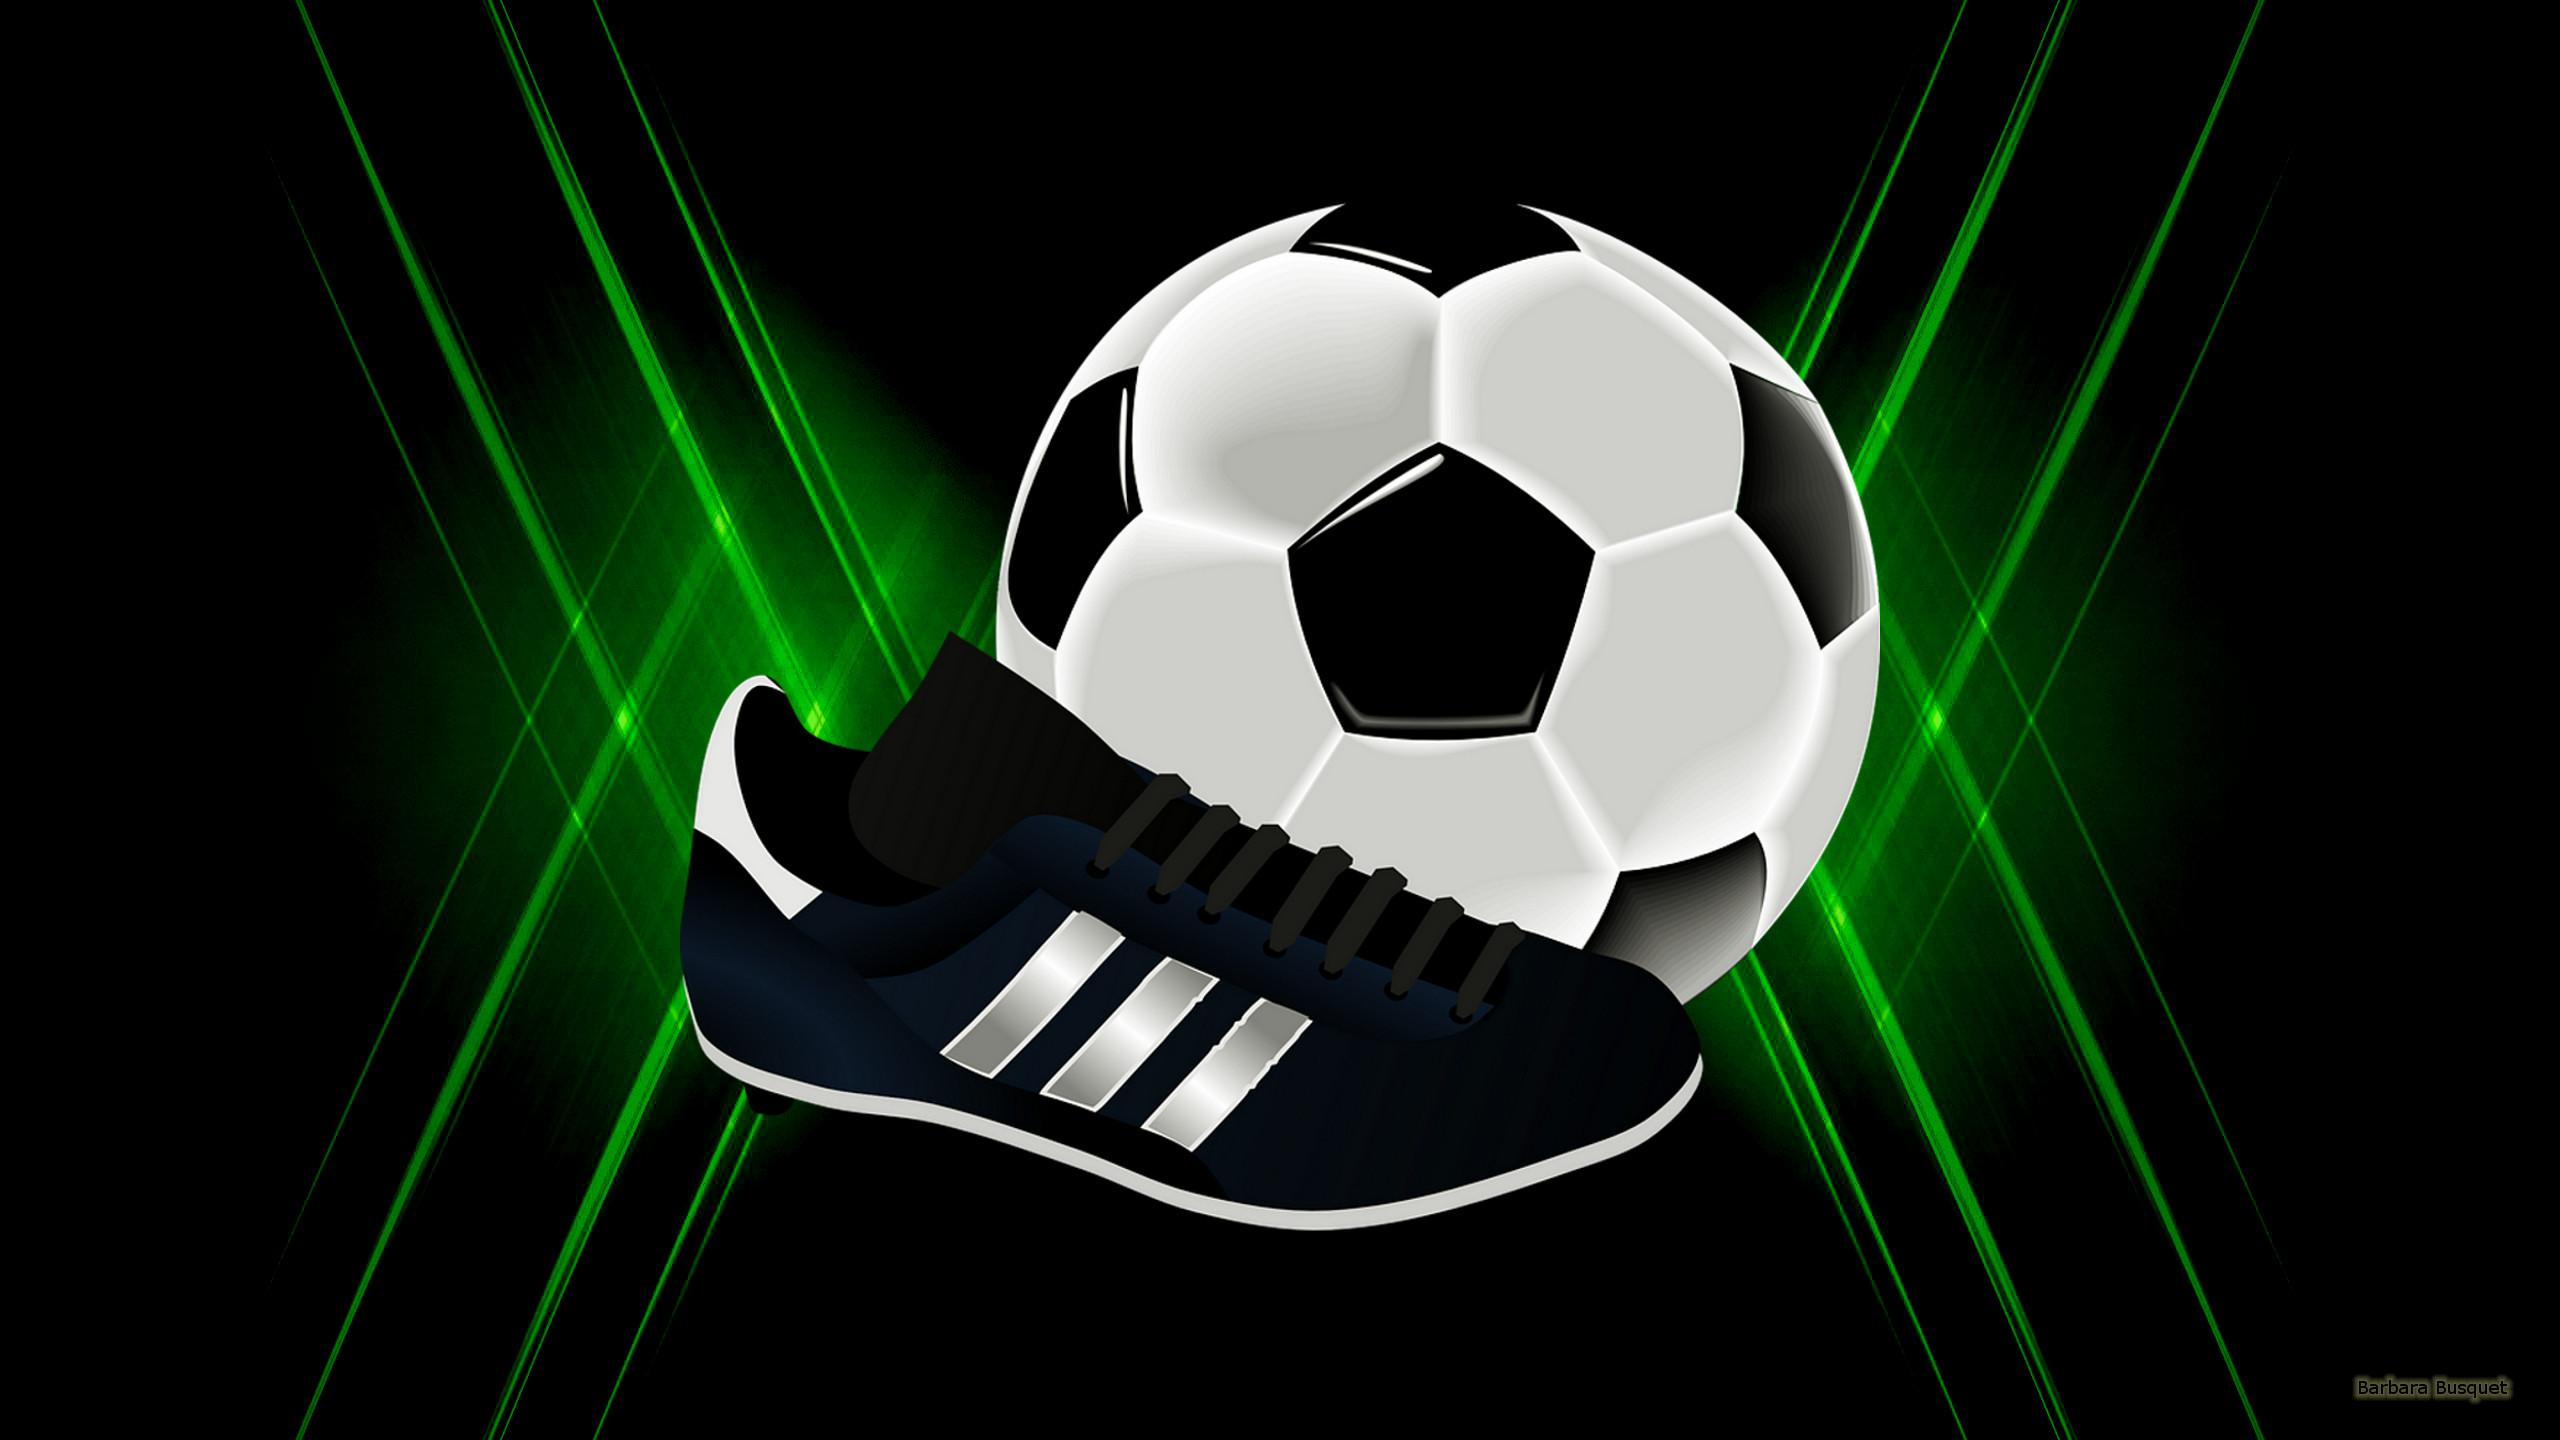 dark soccer barbaras hd wallpapers